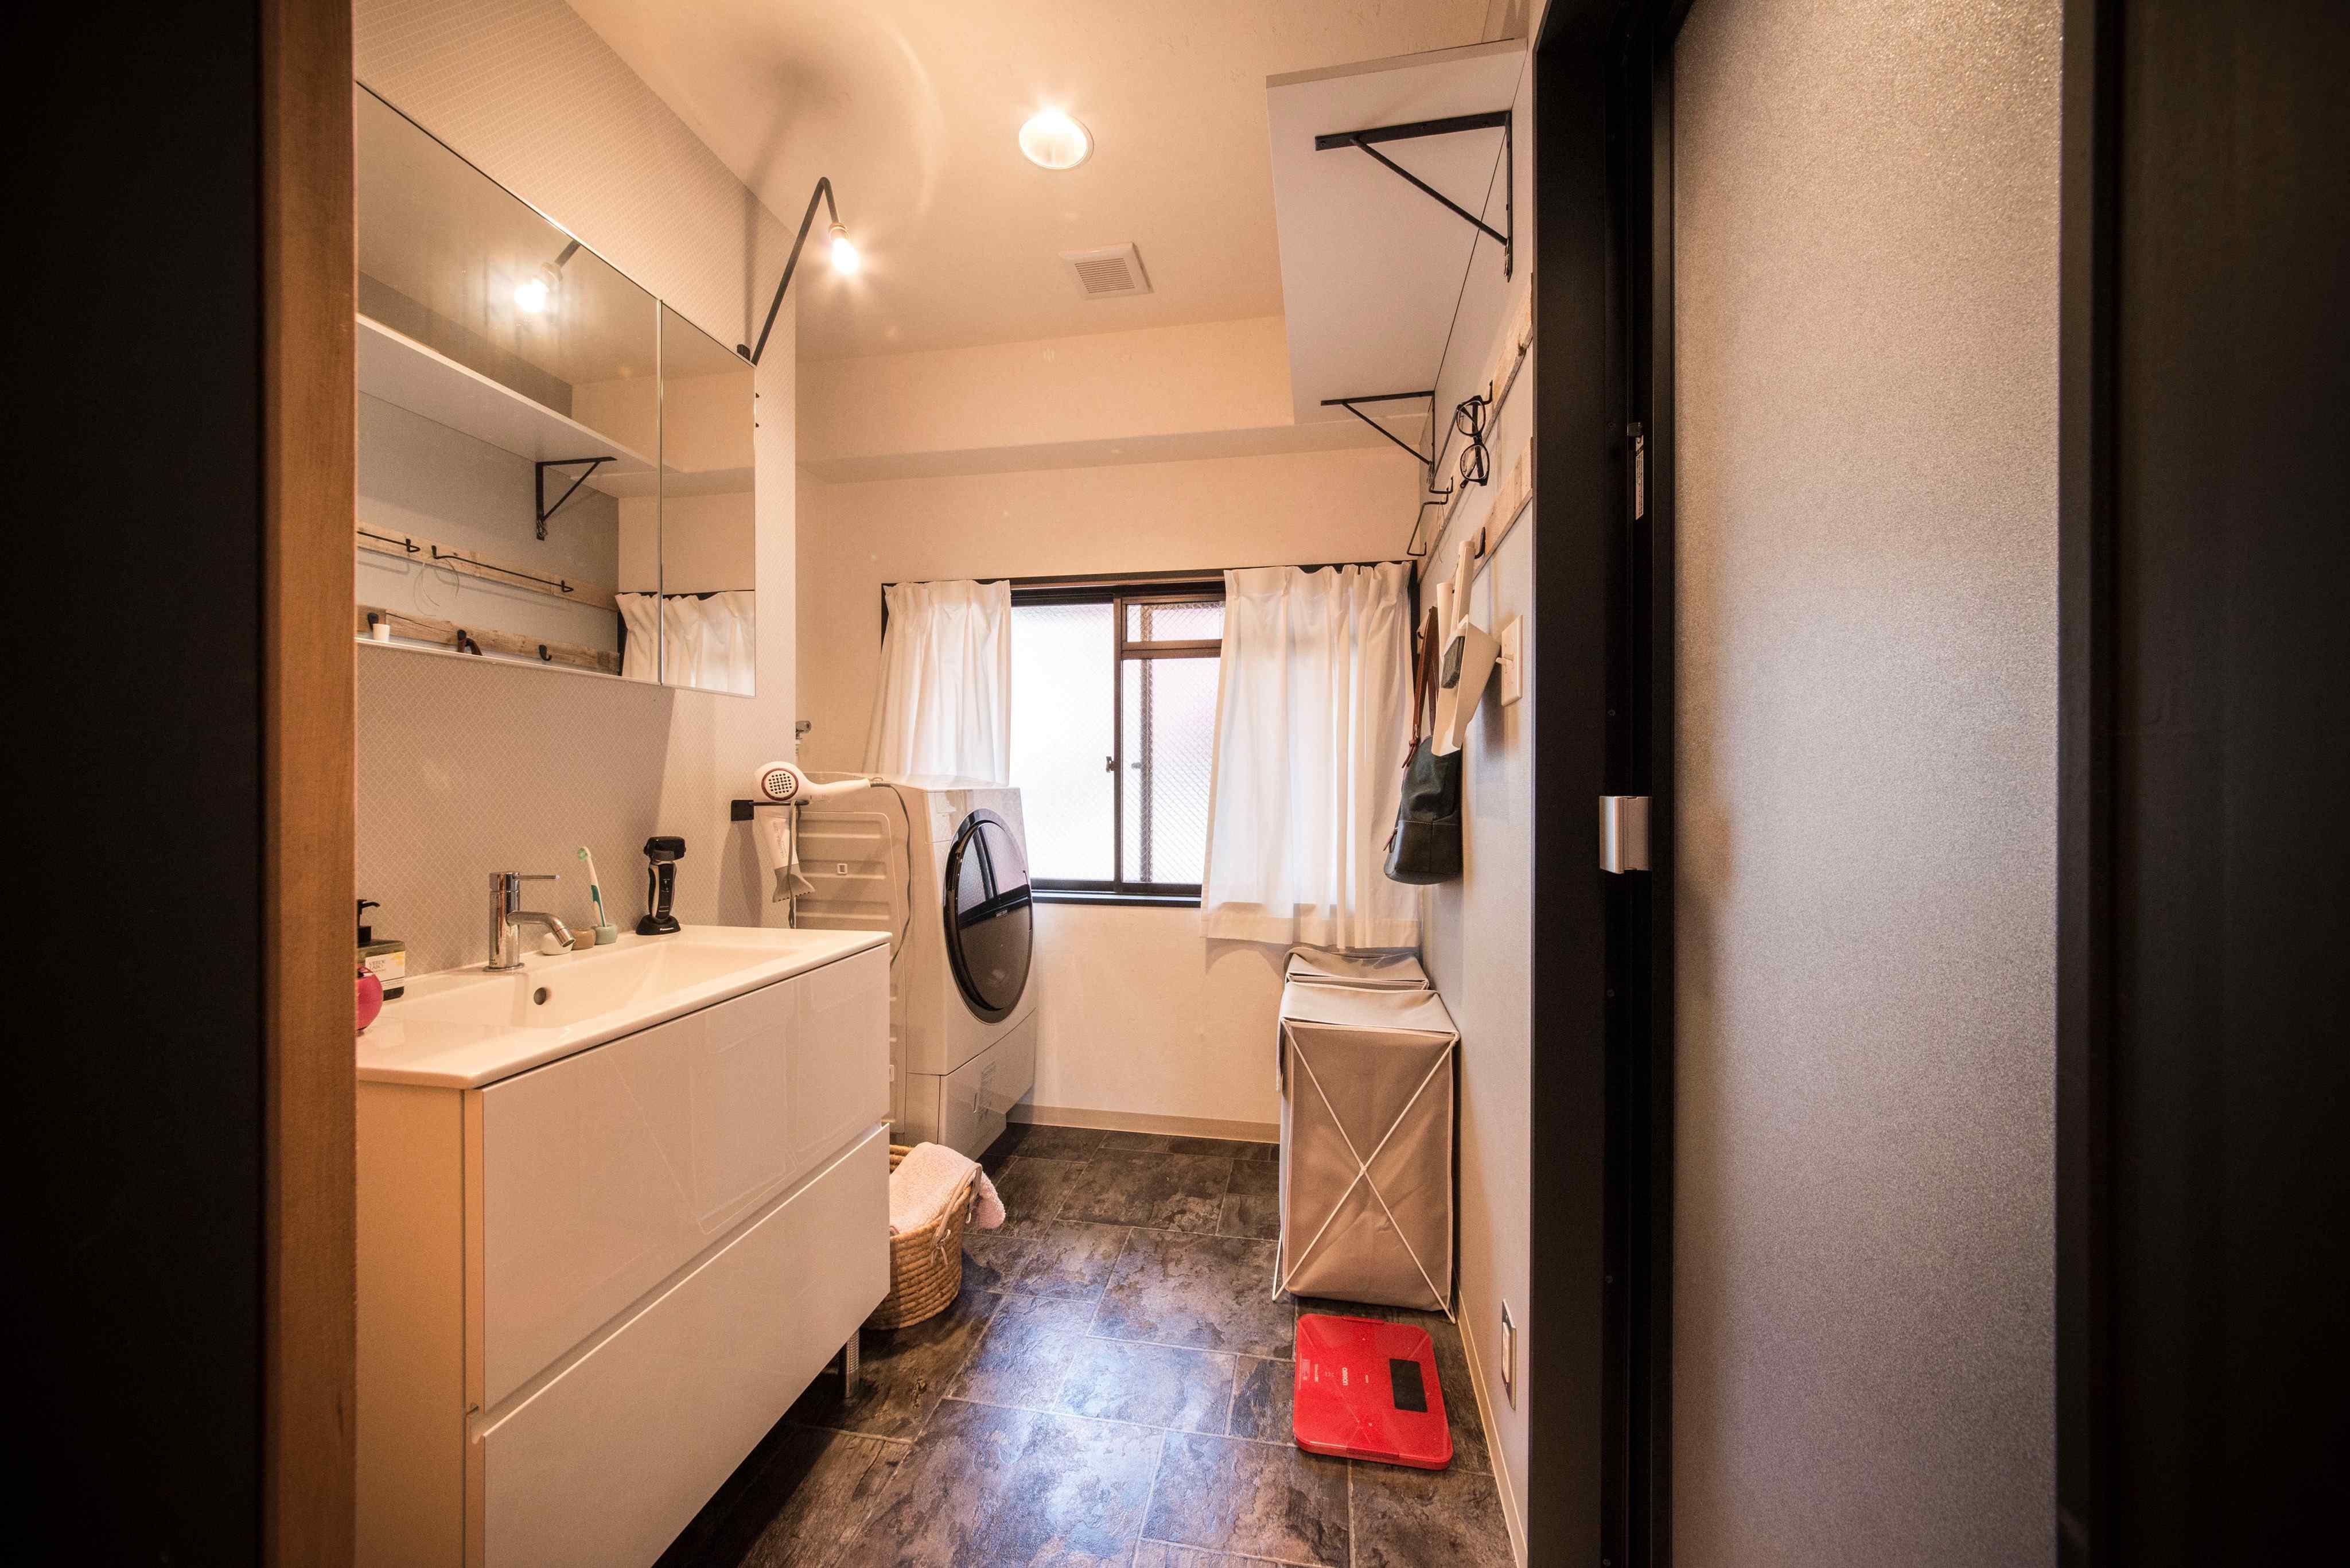 洗面所はシンプルかつ機能的。換気に窓が嬉しい。